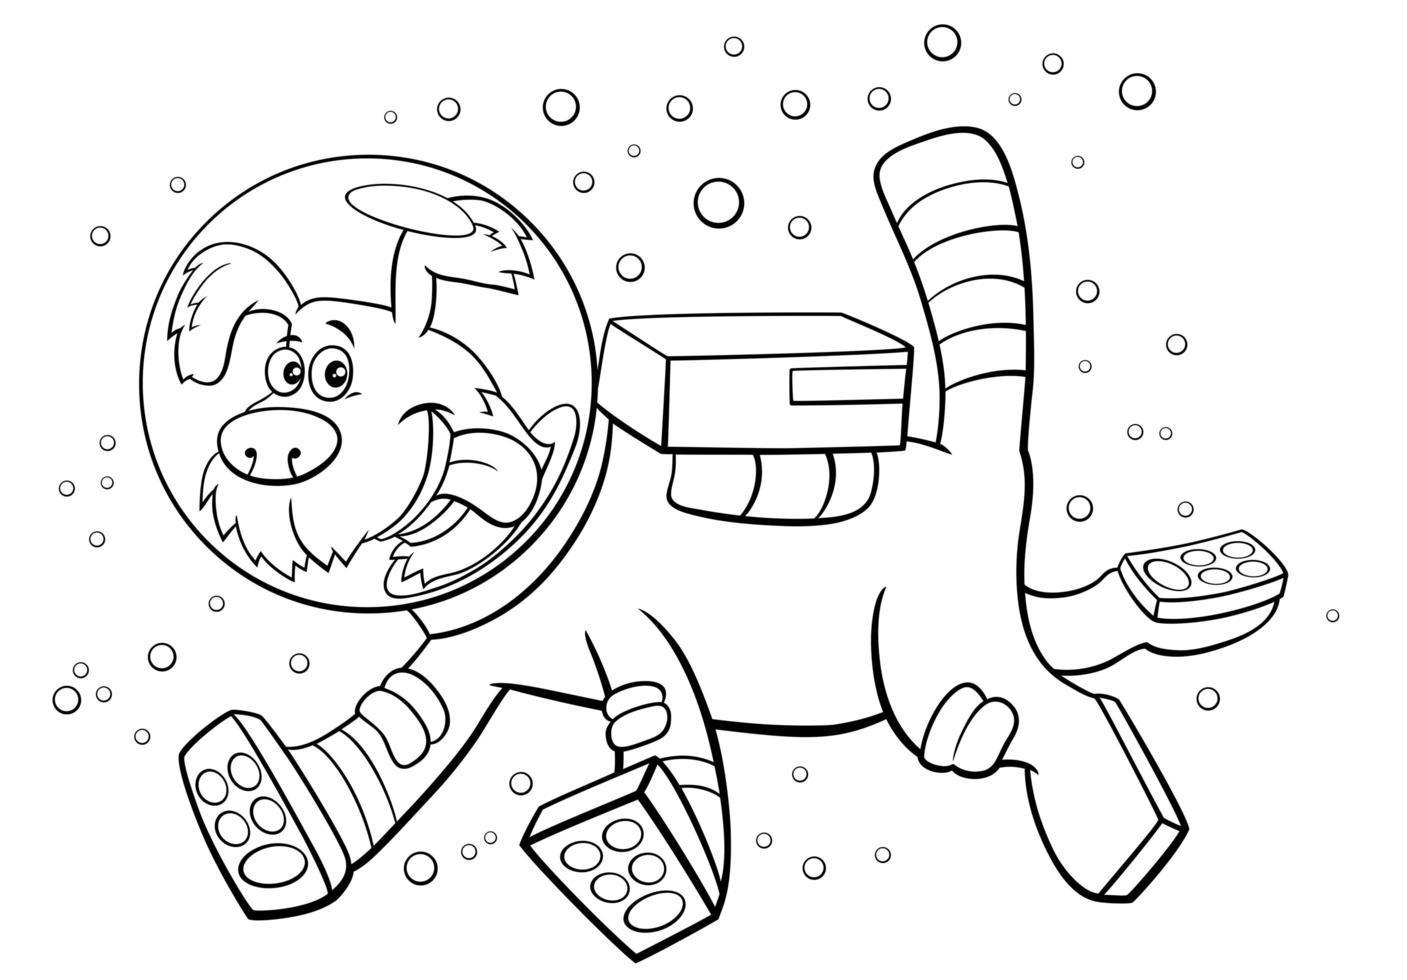 Cartoon Hund im Weltraum Charakter Malbuch Seite vektor